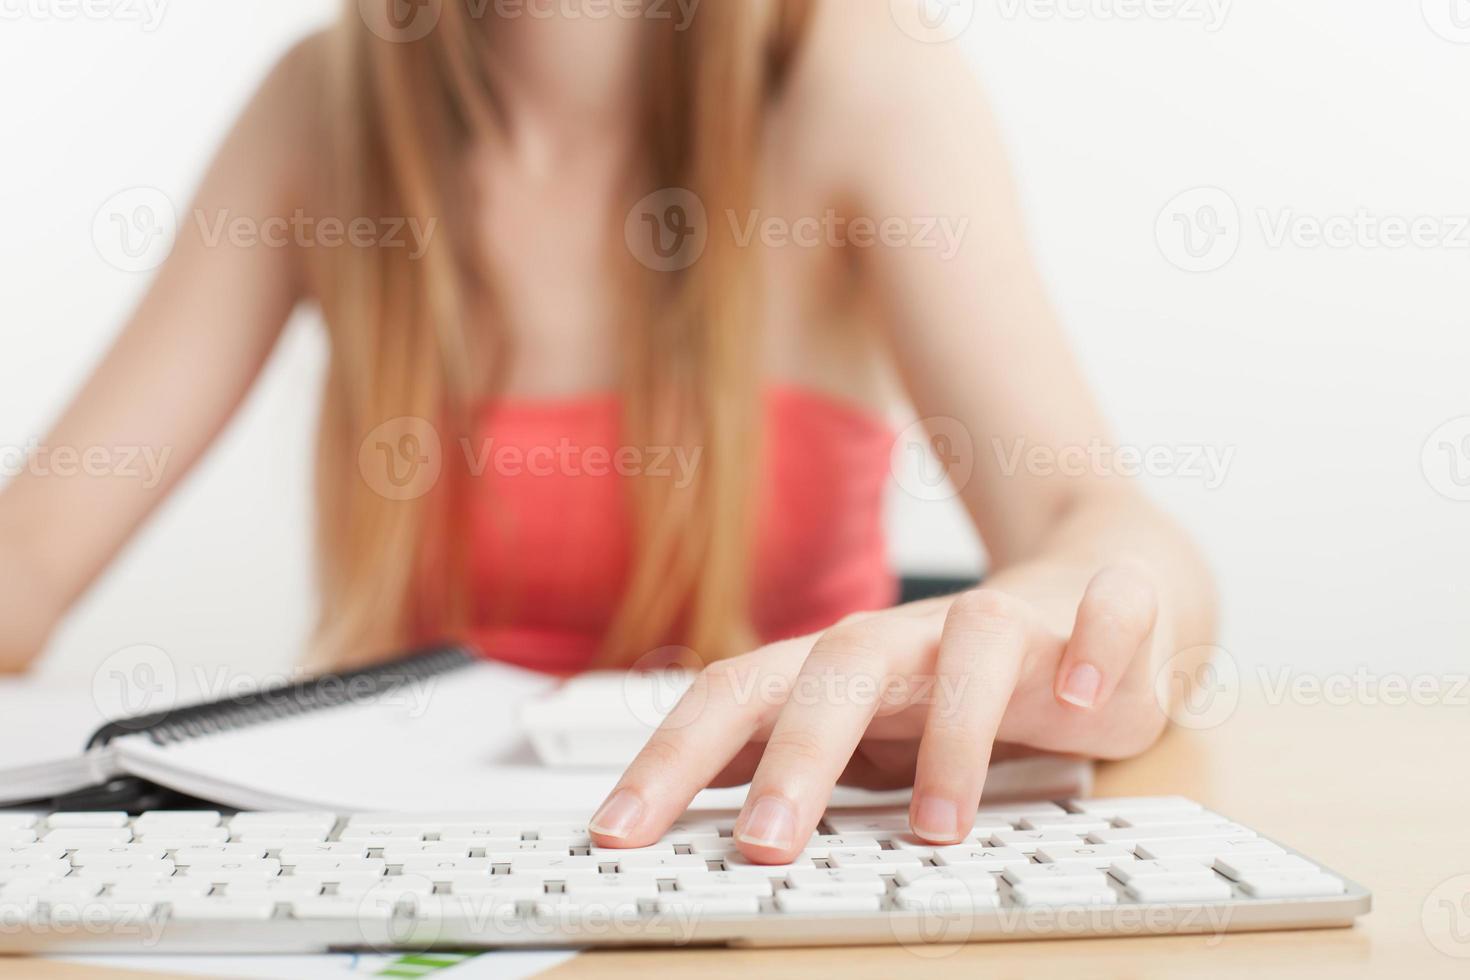 kvinna med händerna på datortangentbordet foto